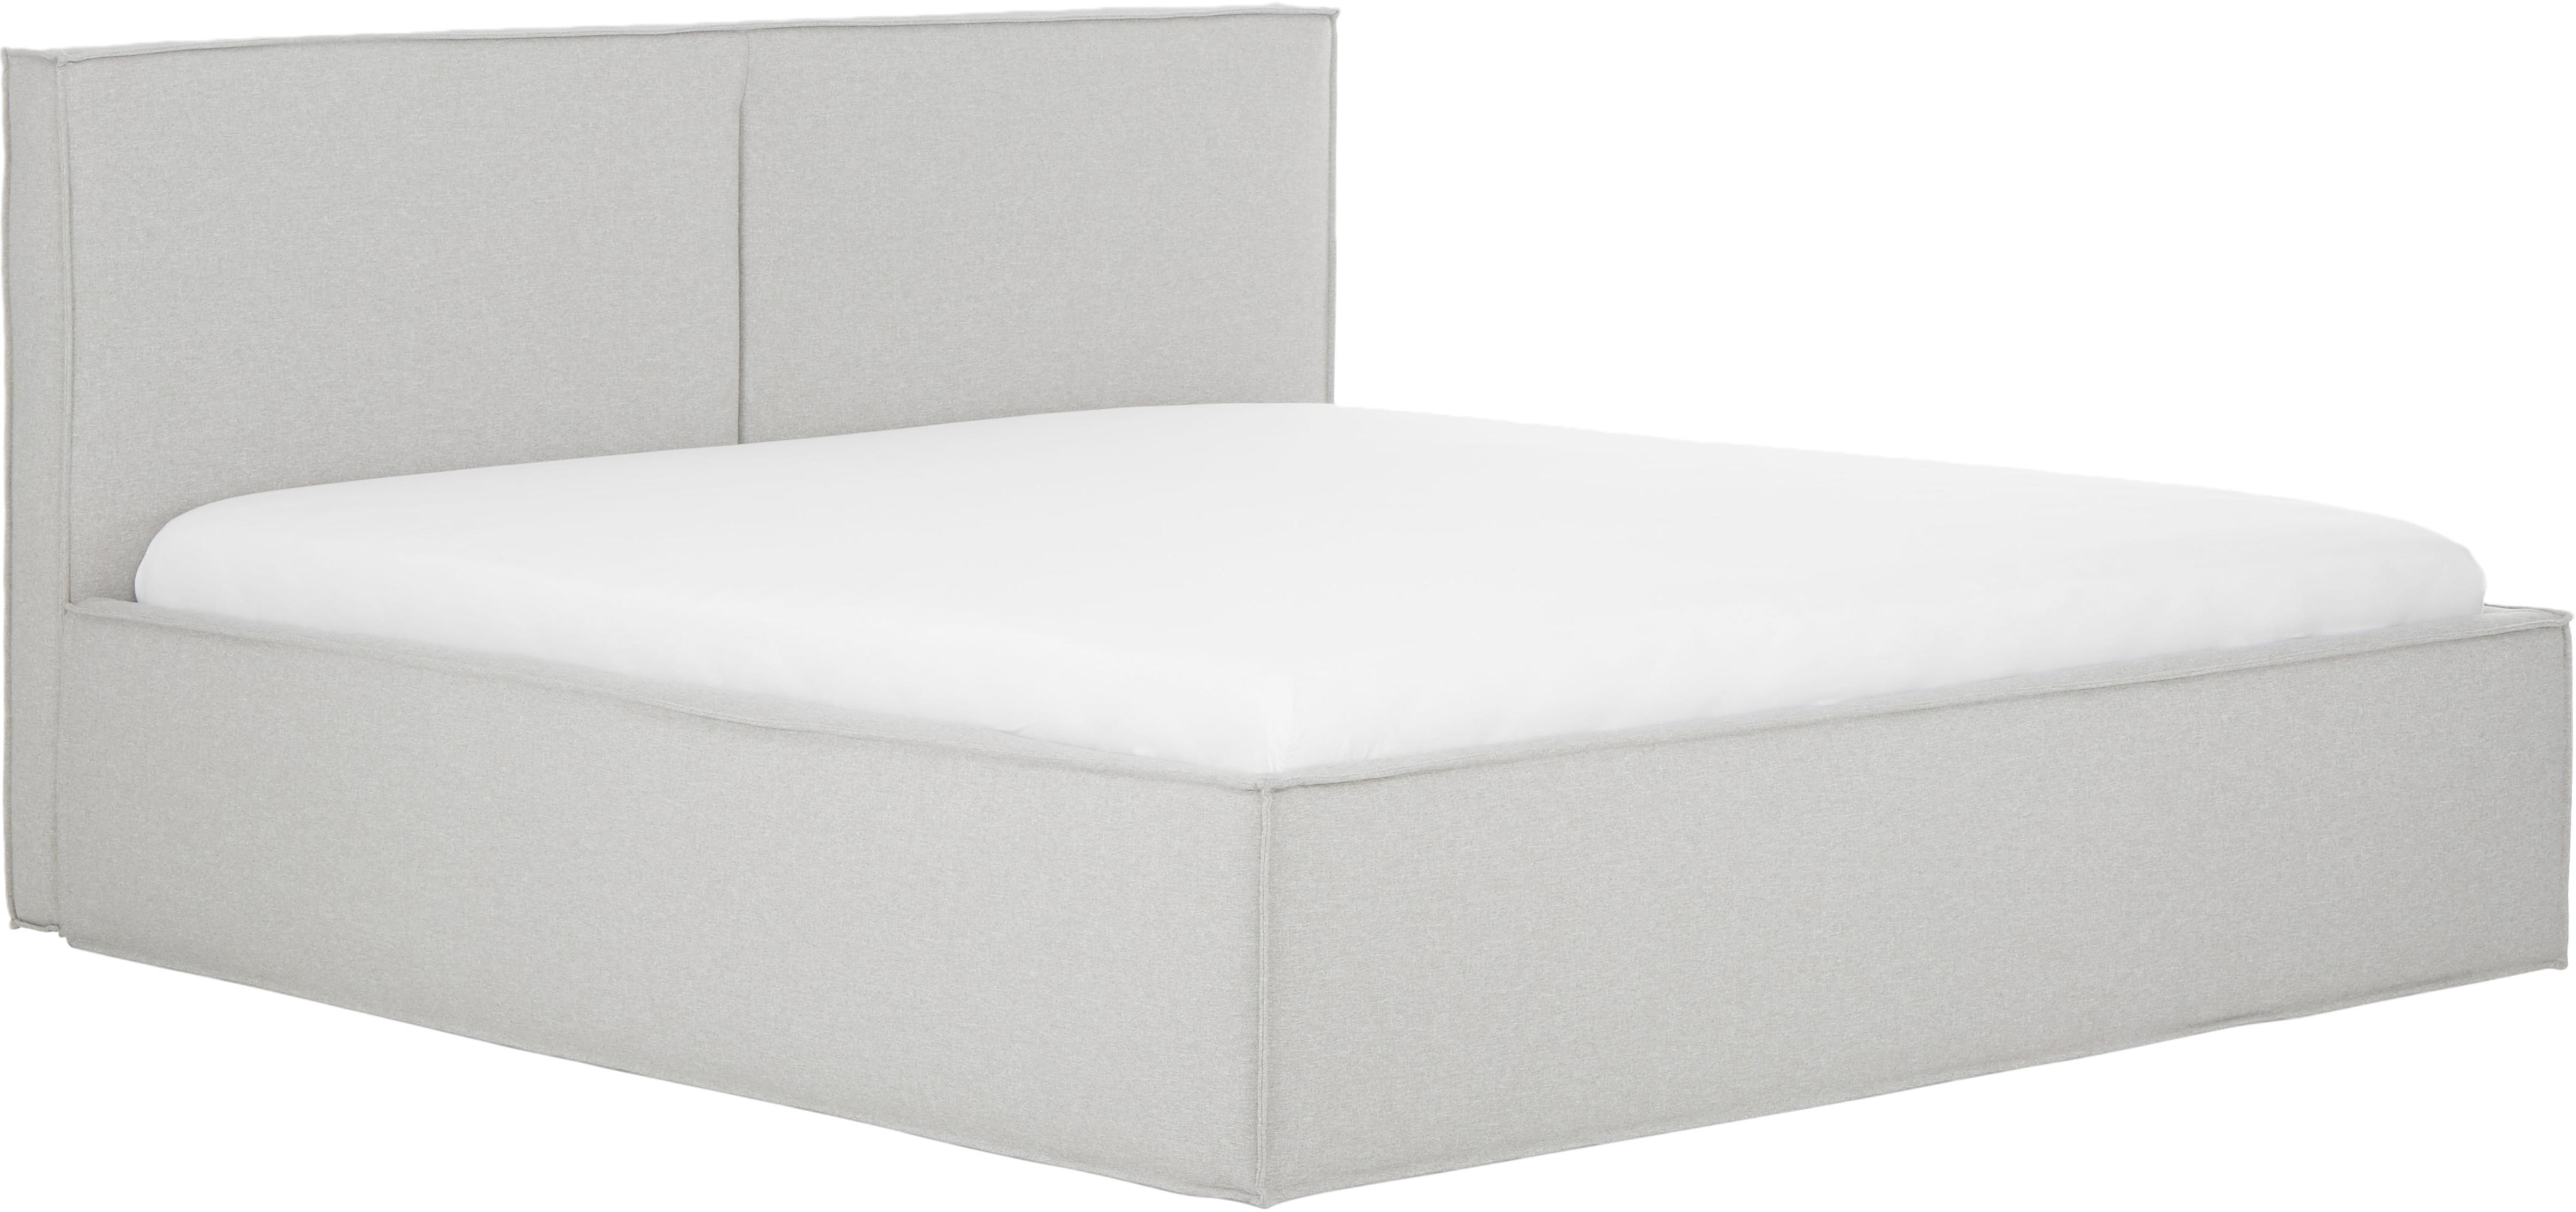 Gestoffeerd bed Dream, Frame: massief grenenhout, Bekleding: polyester (structuurmater, Lichtgrijs, 140 x 200 cm